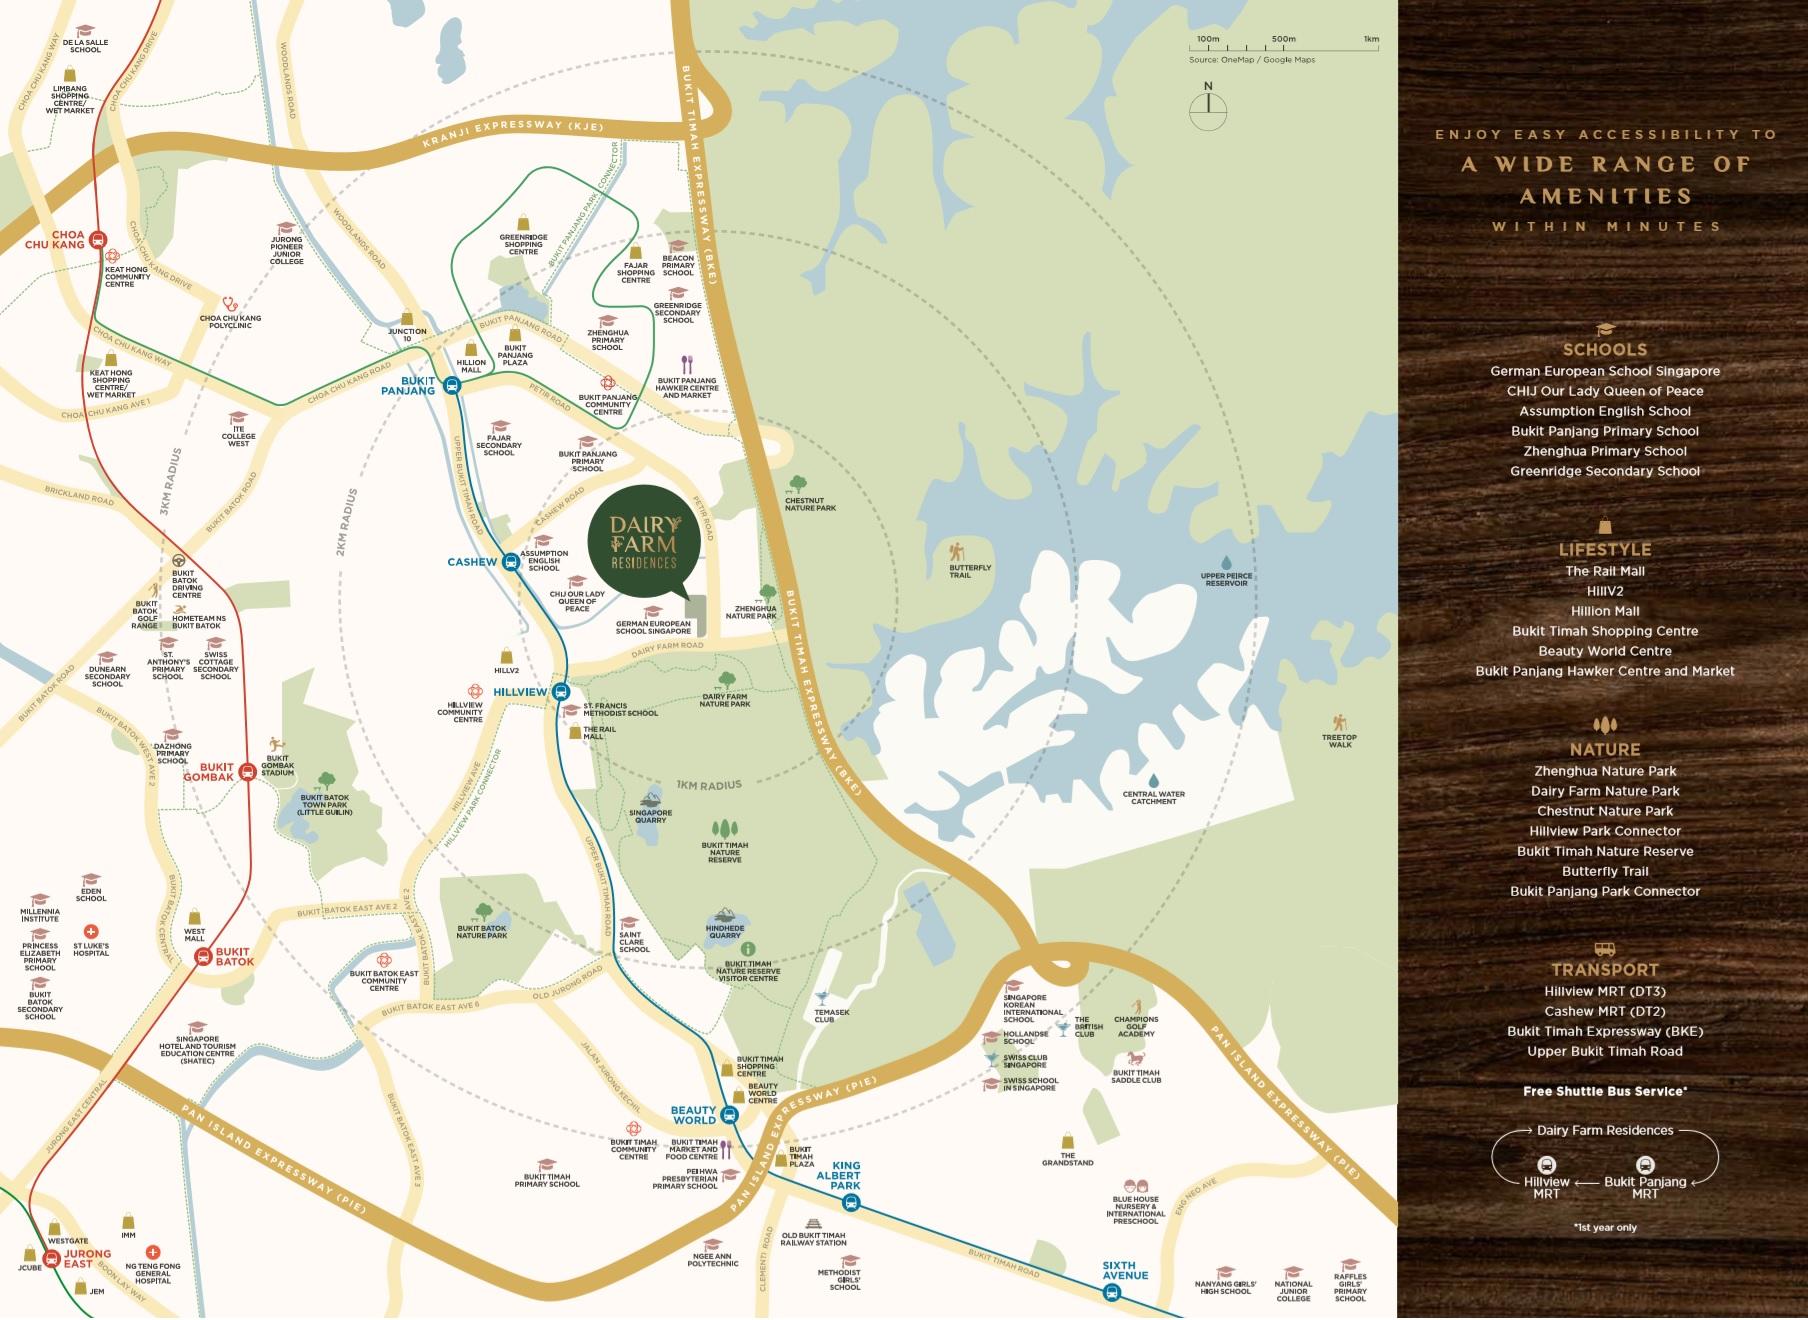 Dairy Farm Location Map